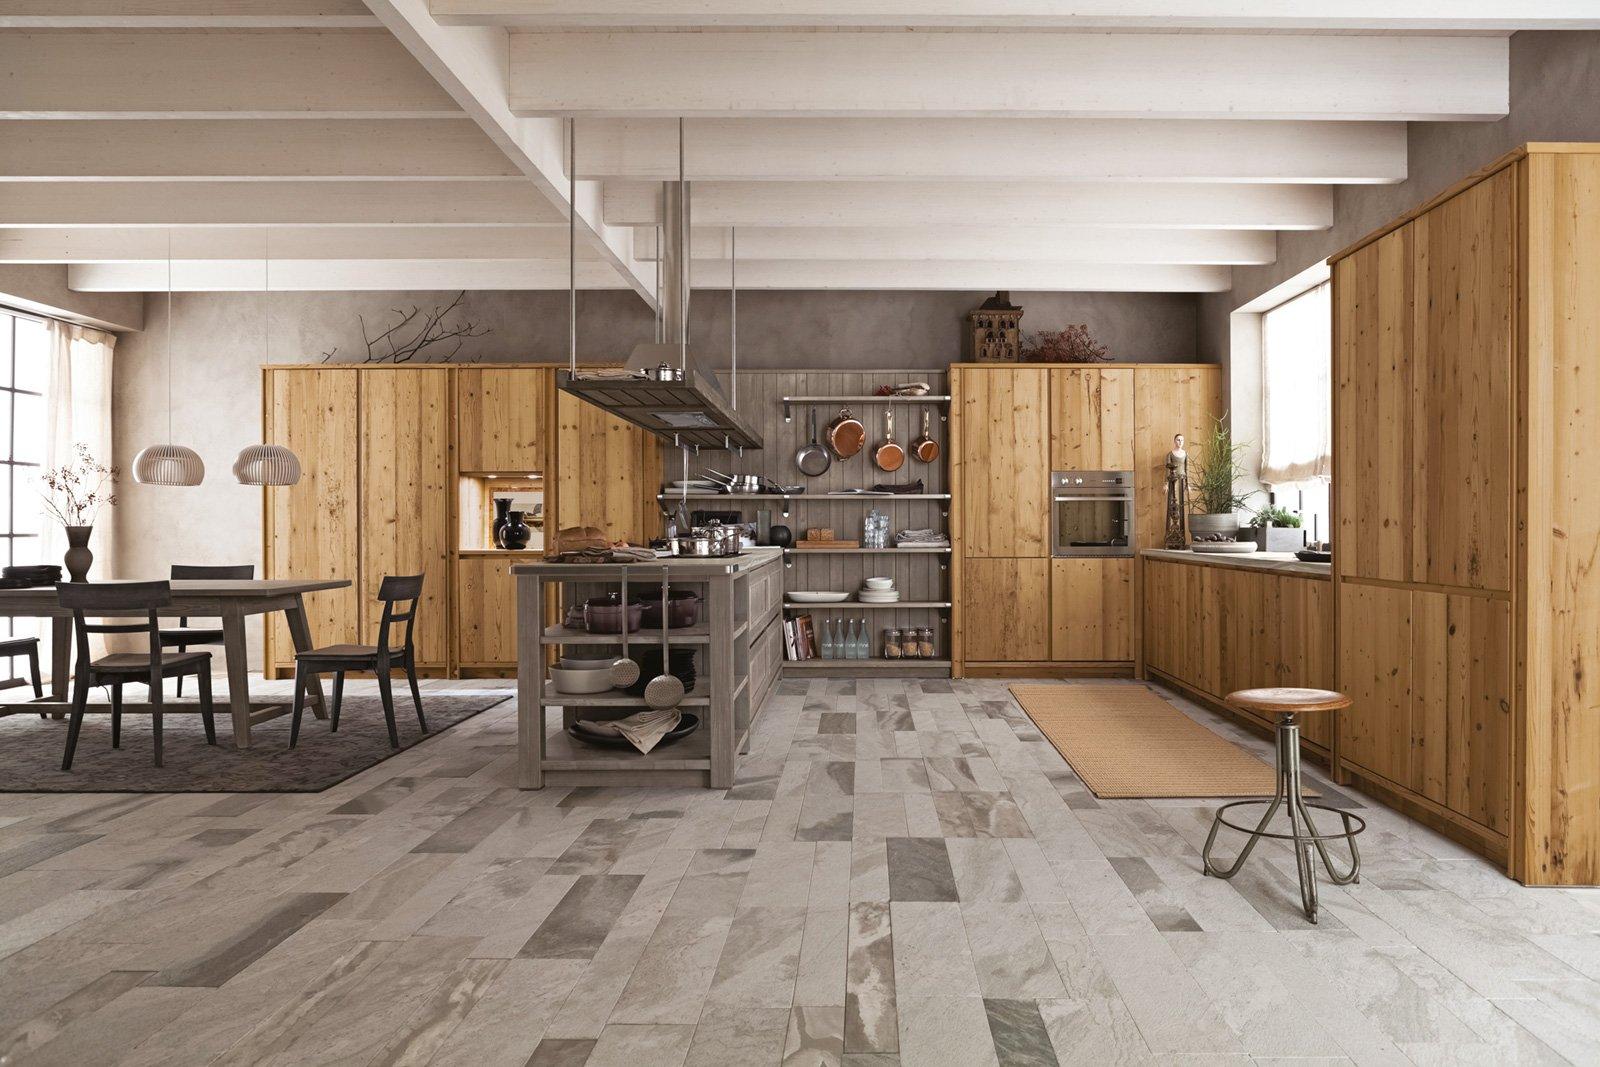 Cucine a vista per il loft, nel soggiorno open space - Cose di Casa